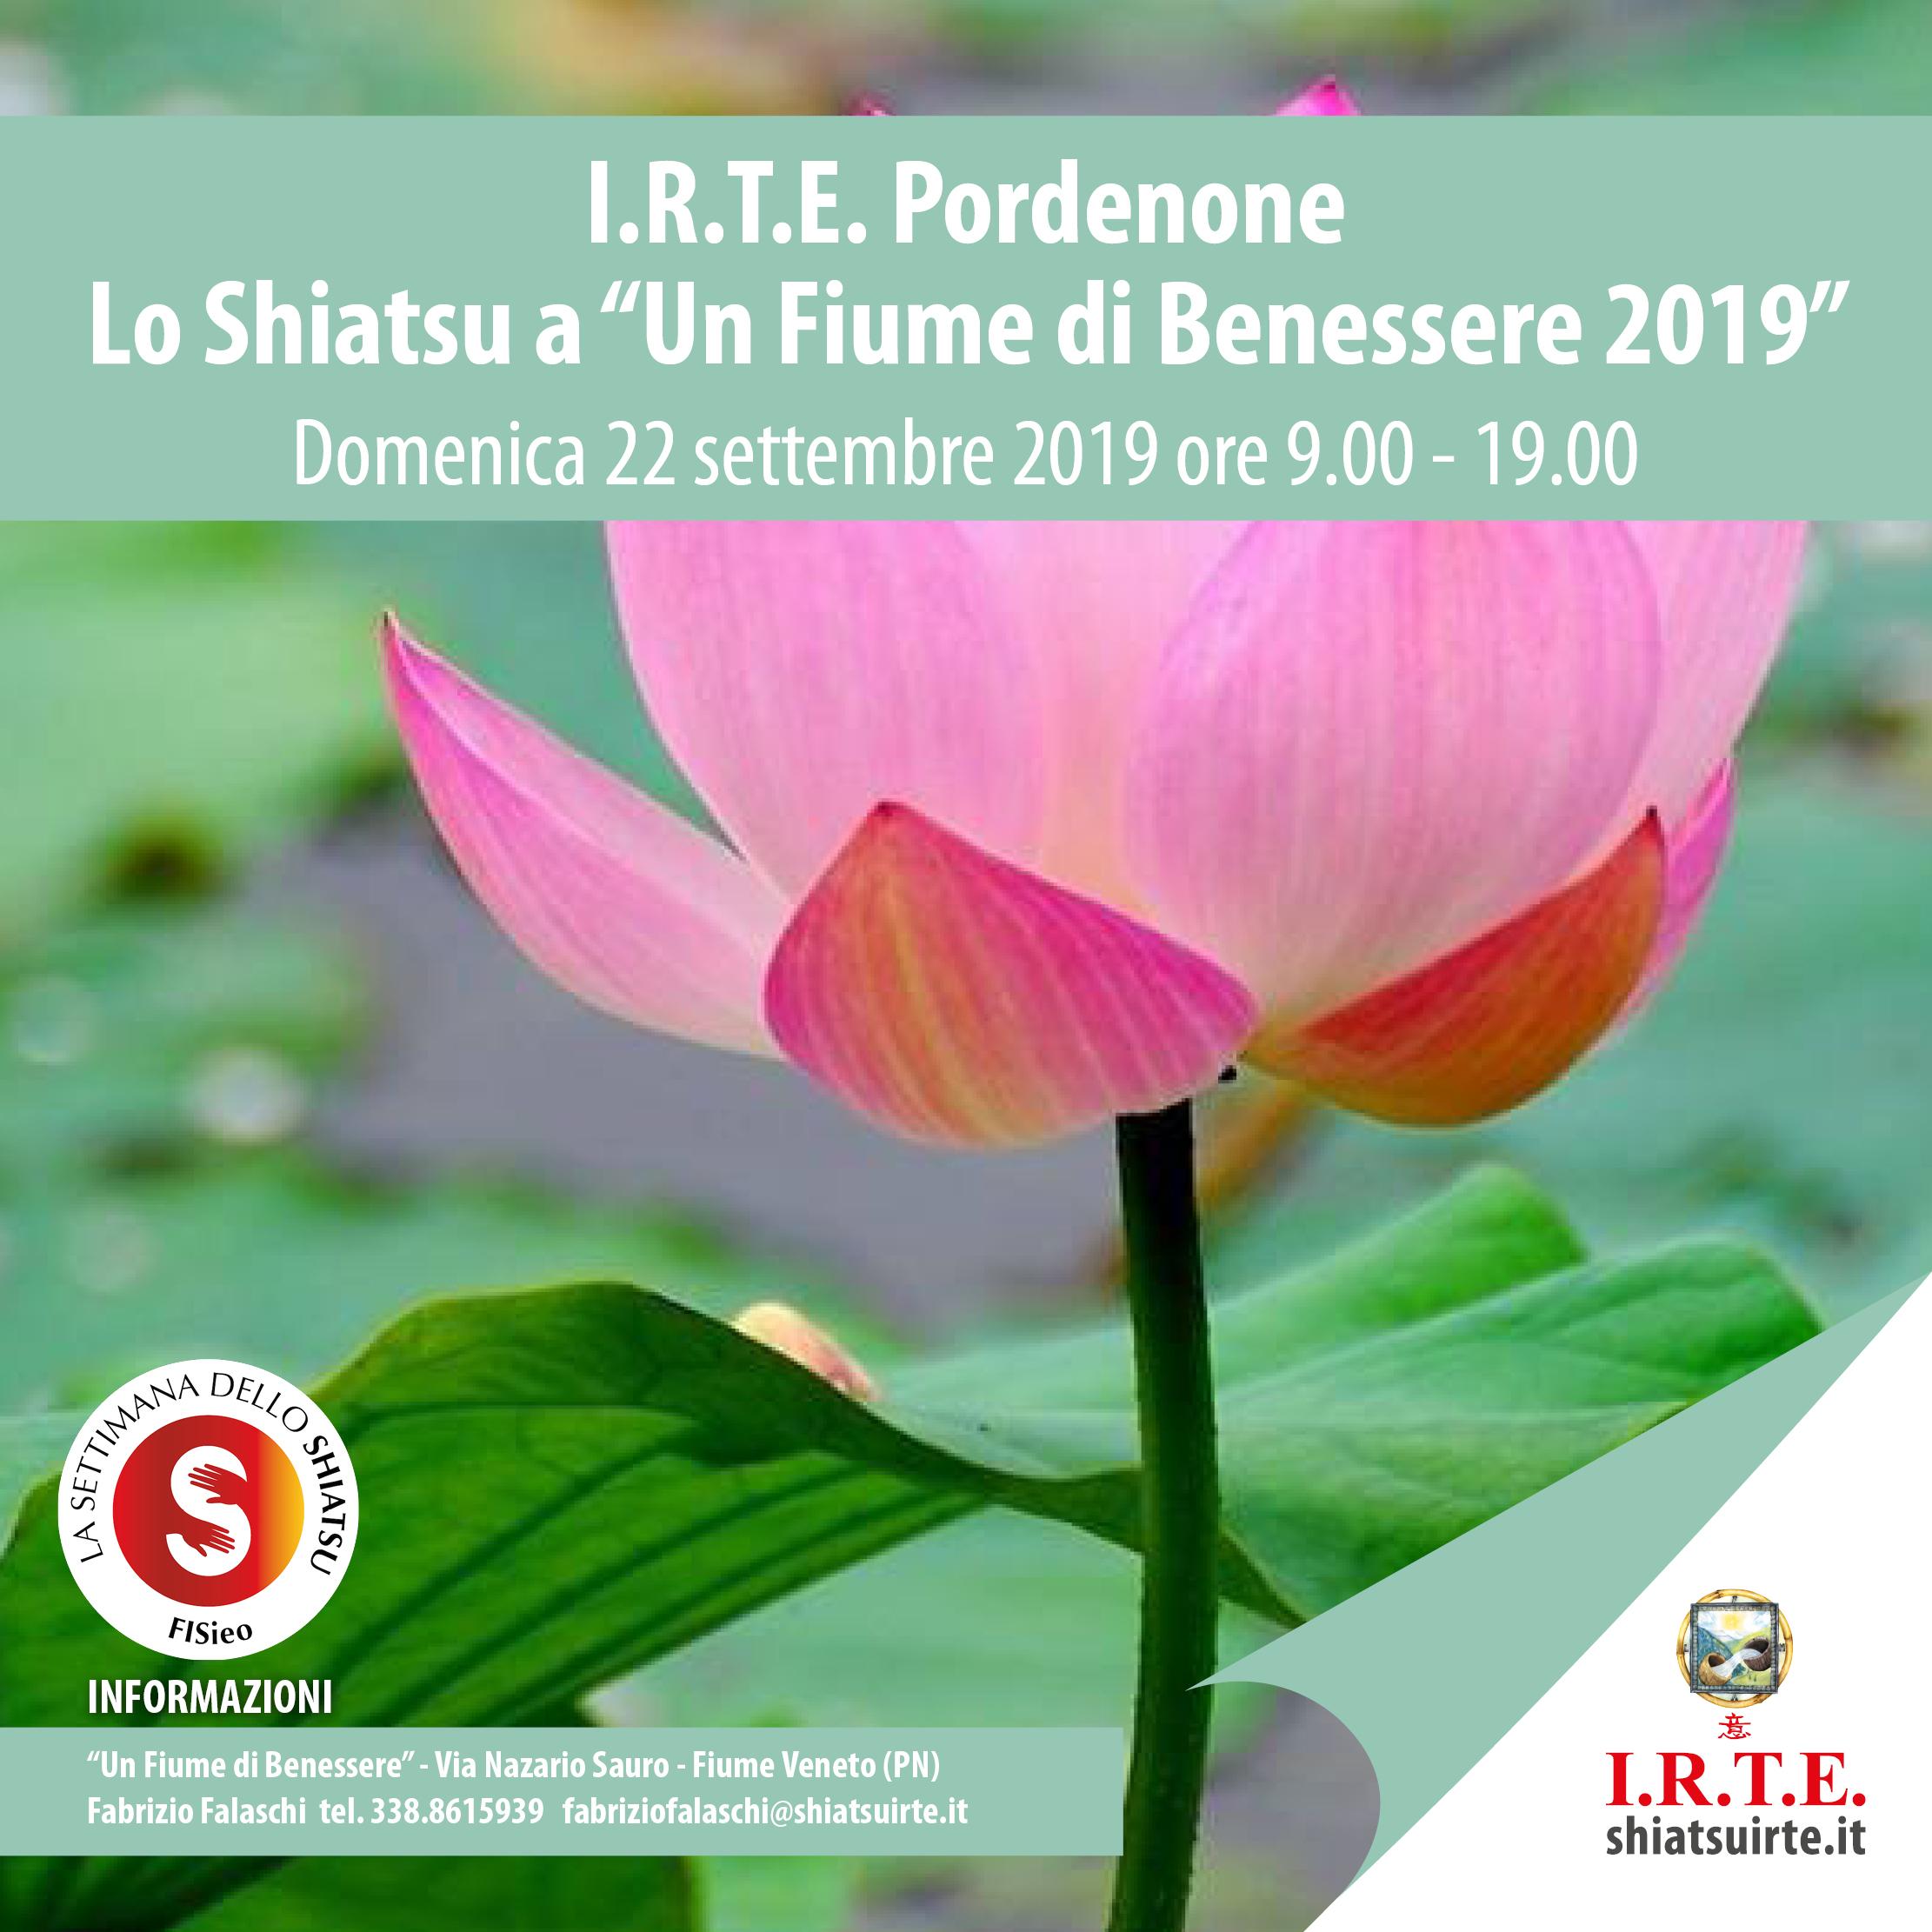 22 settembre 2019: lo Shiatsu I.R.T.E. a &quote;Un Fiume di Benessere&quote; - Bannia di Fiume Veneto (PN)